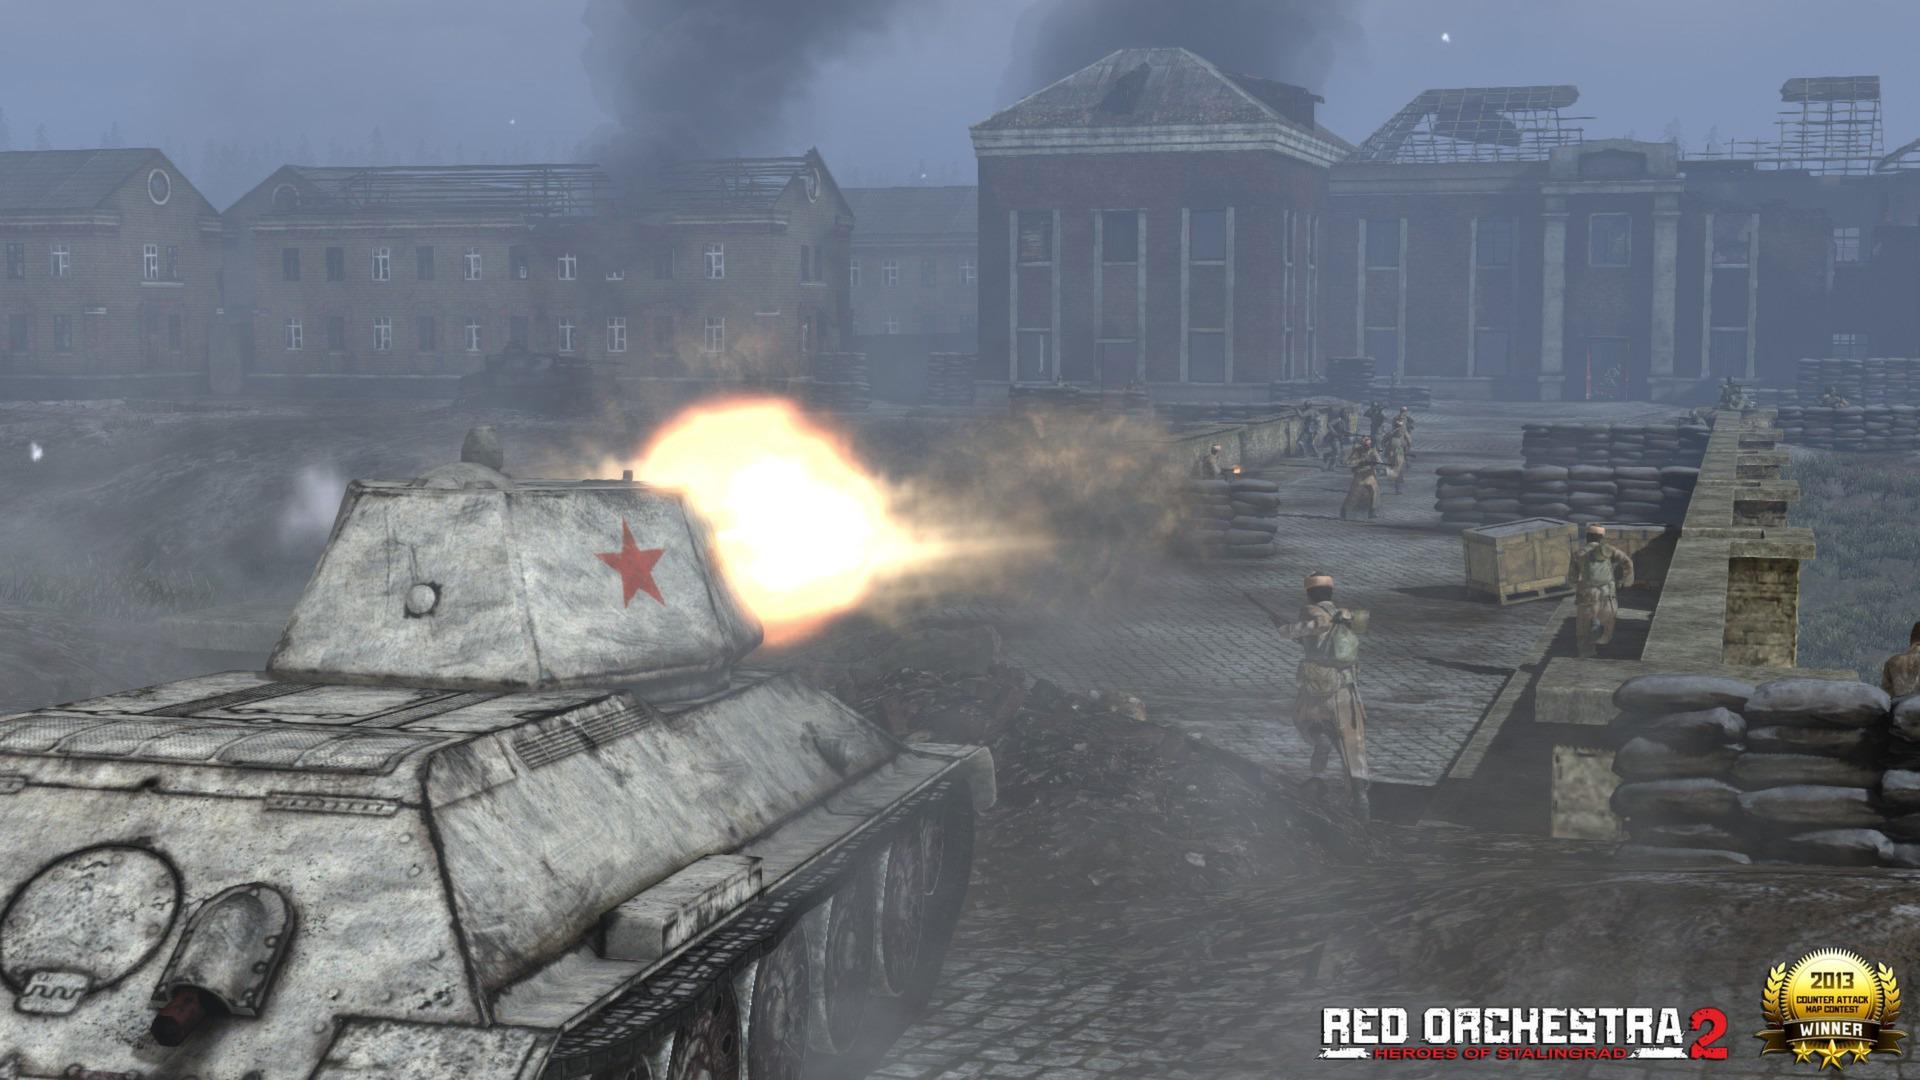 """免费获取 Red Orchestra 2: Heroes of Stalingrad 红色管弦乐队2:斯大林格勒英雄丨""""反""""斗限免"""